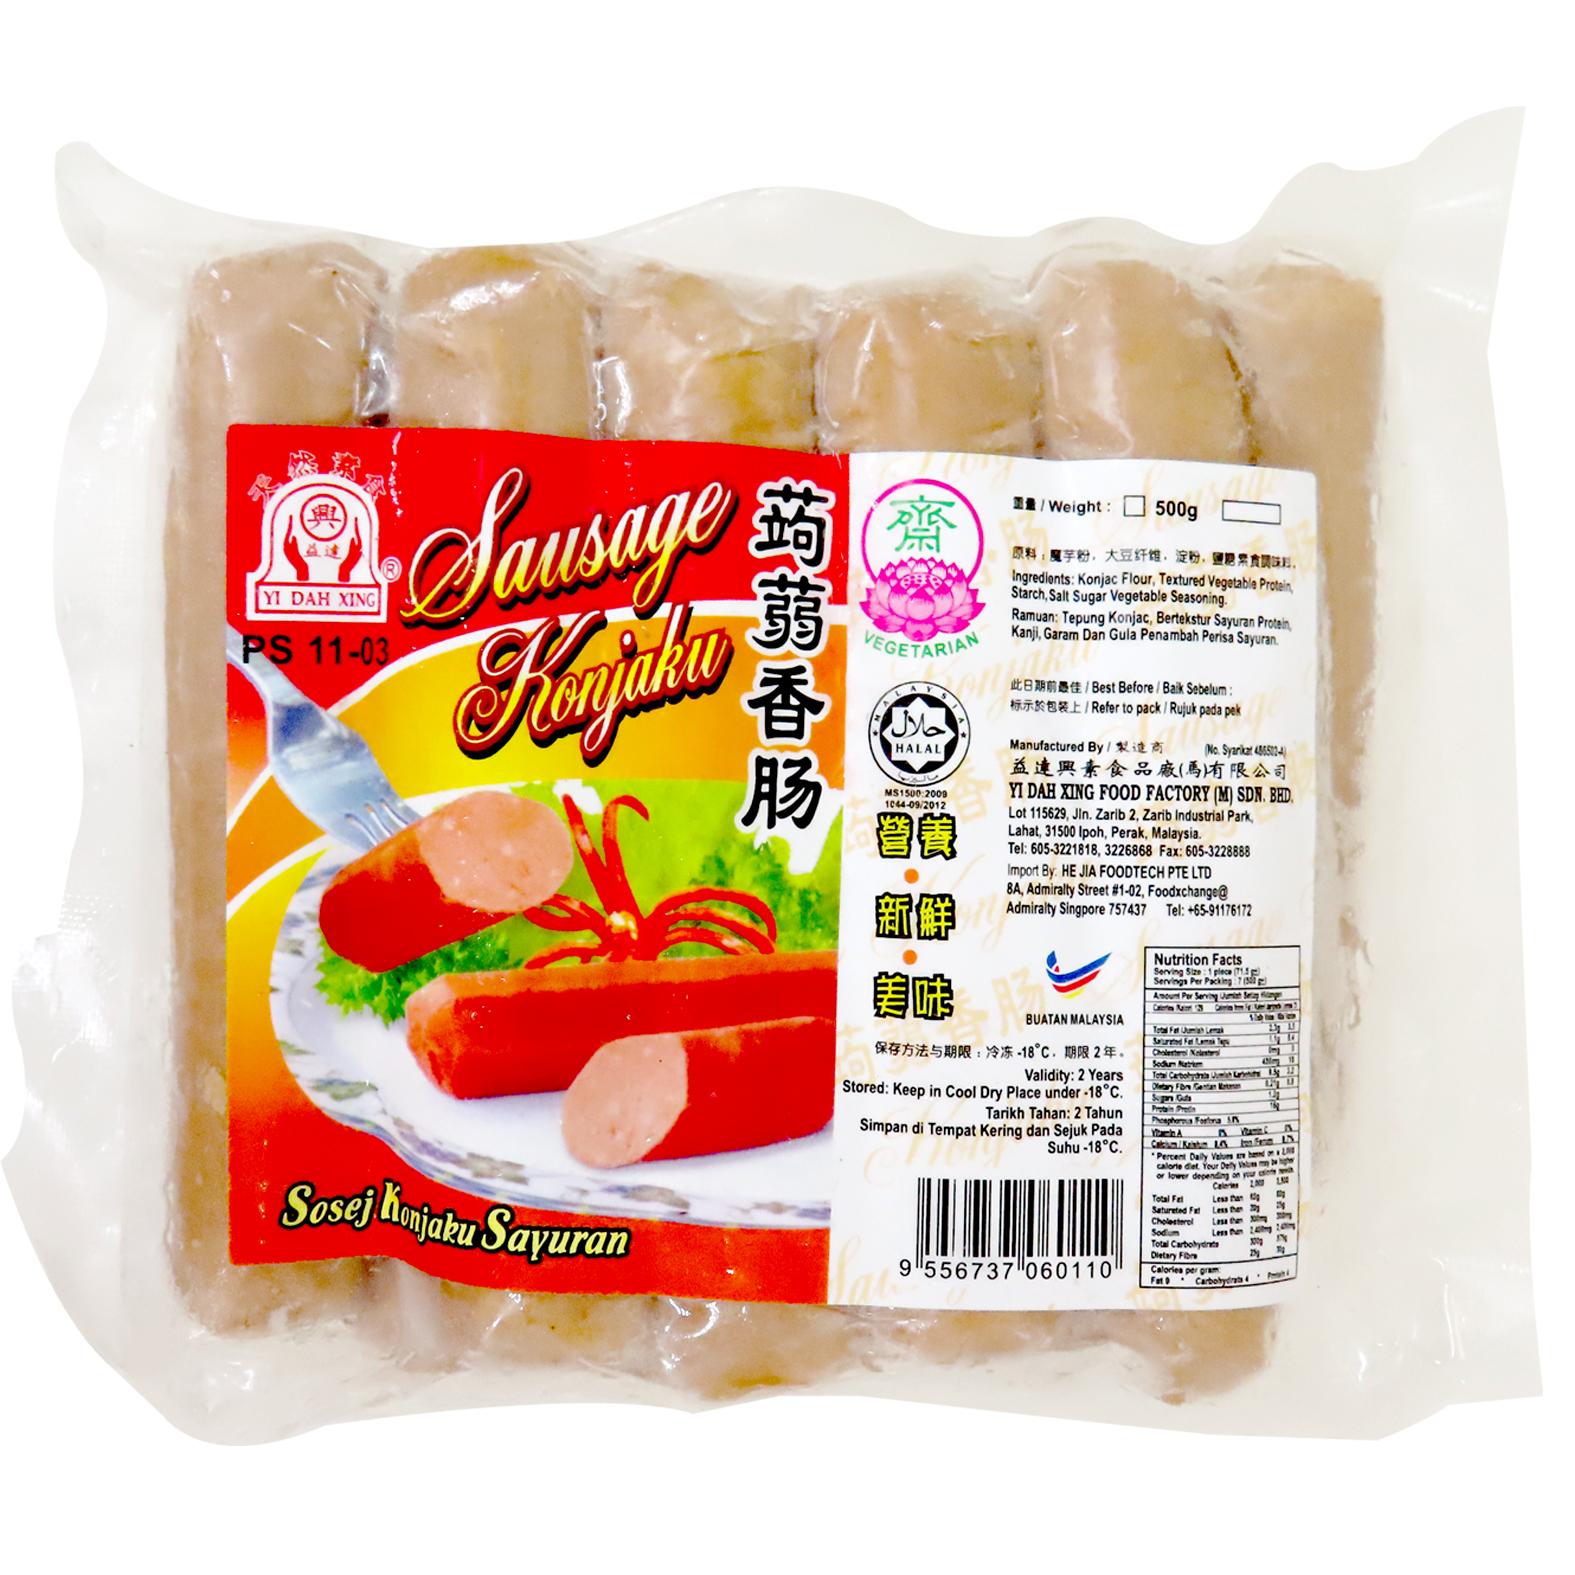 Image Sausage Konjaku 益达兴 - 蒟蒻香肠 (10 pieces) 500grams